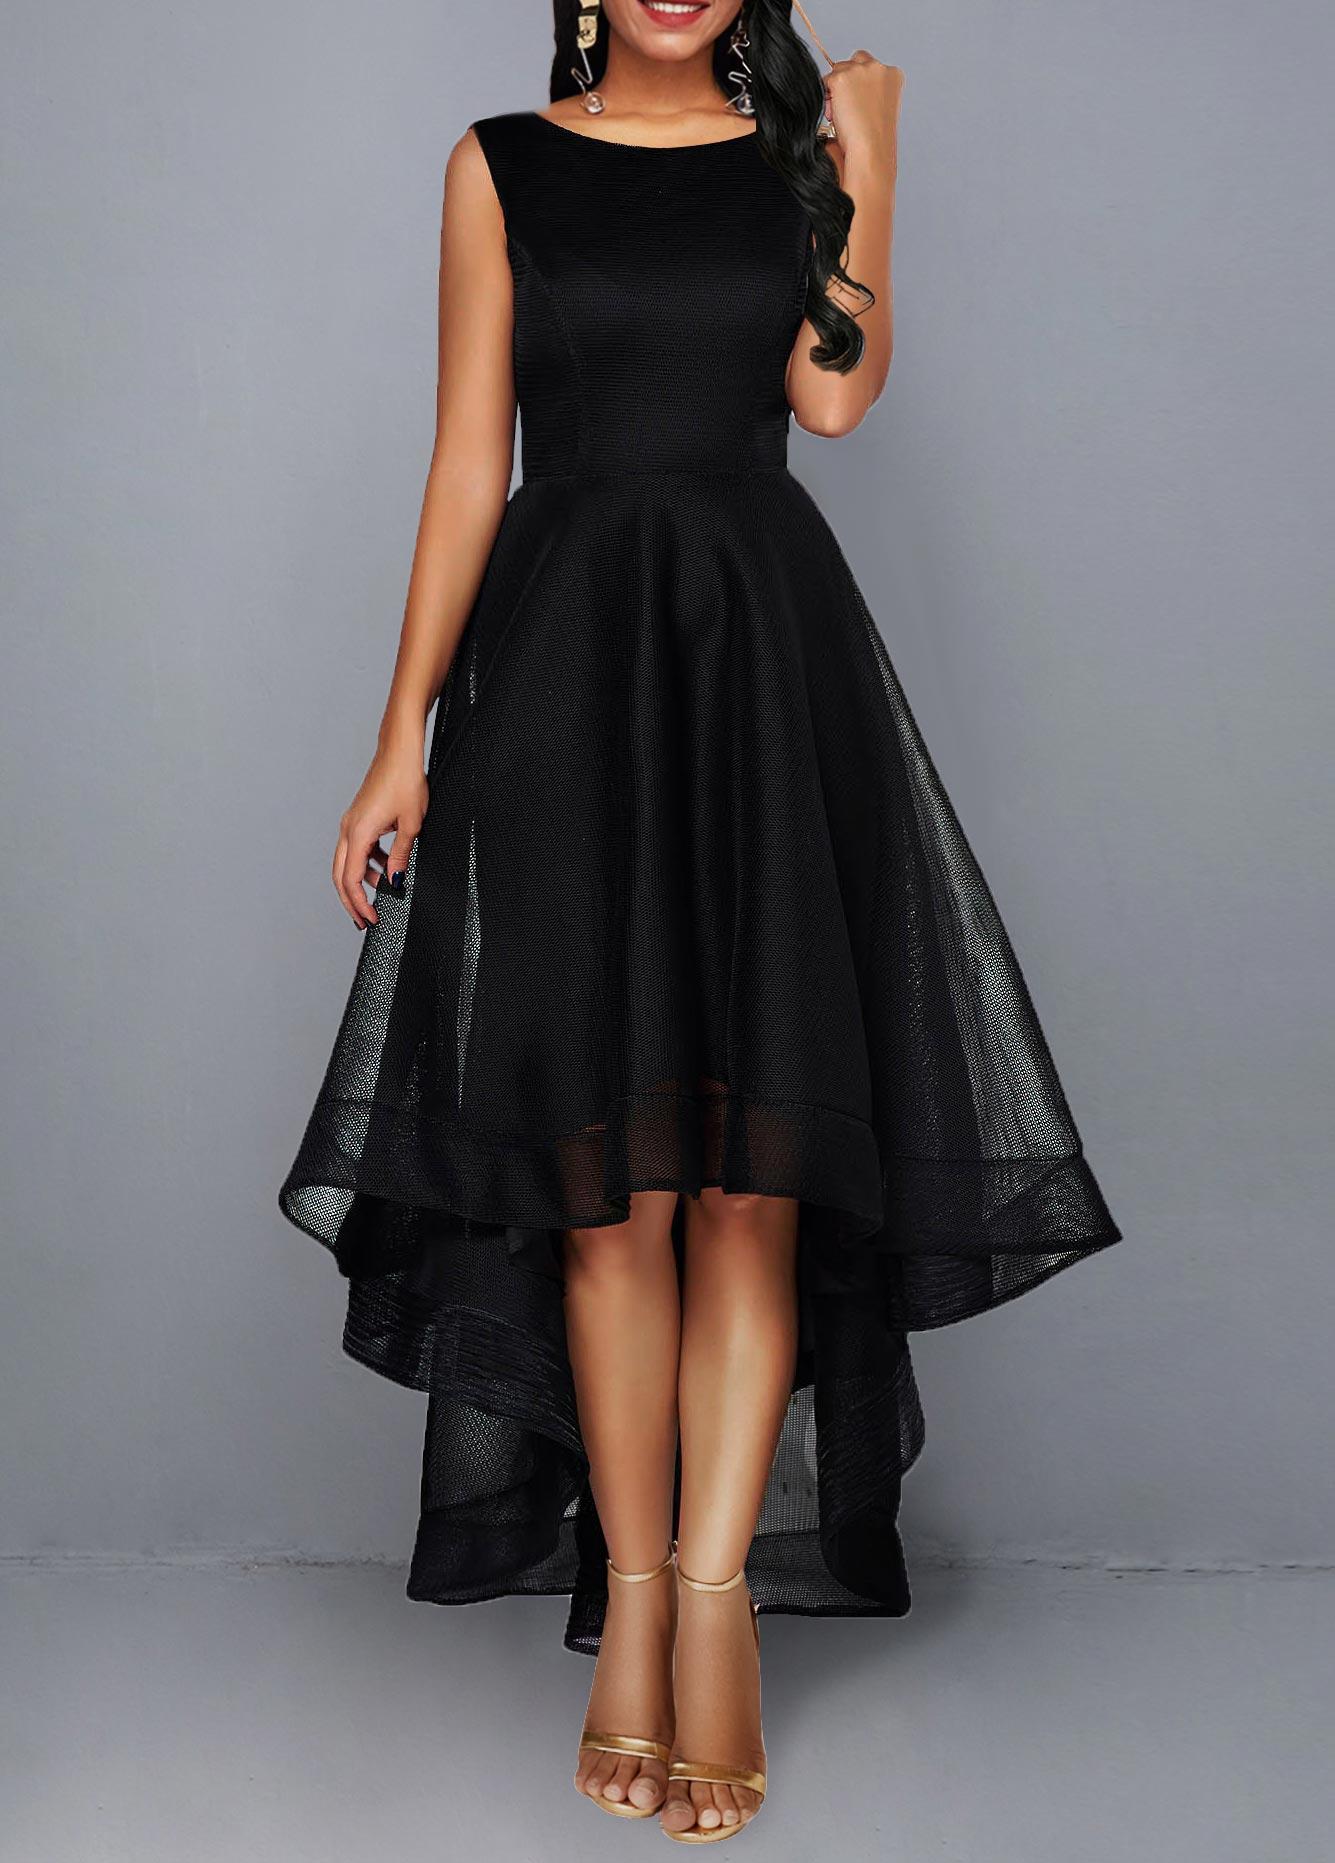 High Waist Sleeveless Mesh Patchwork Black Dress